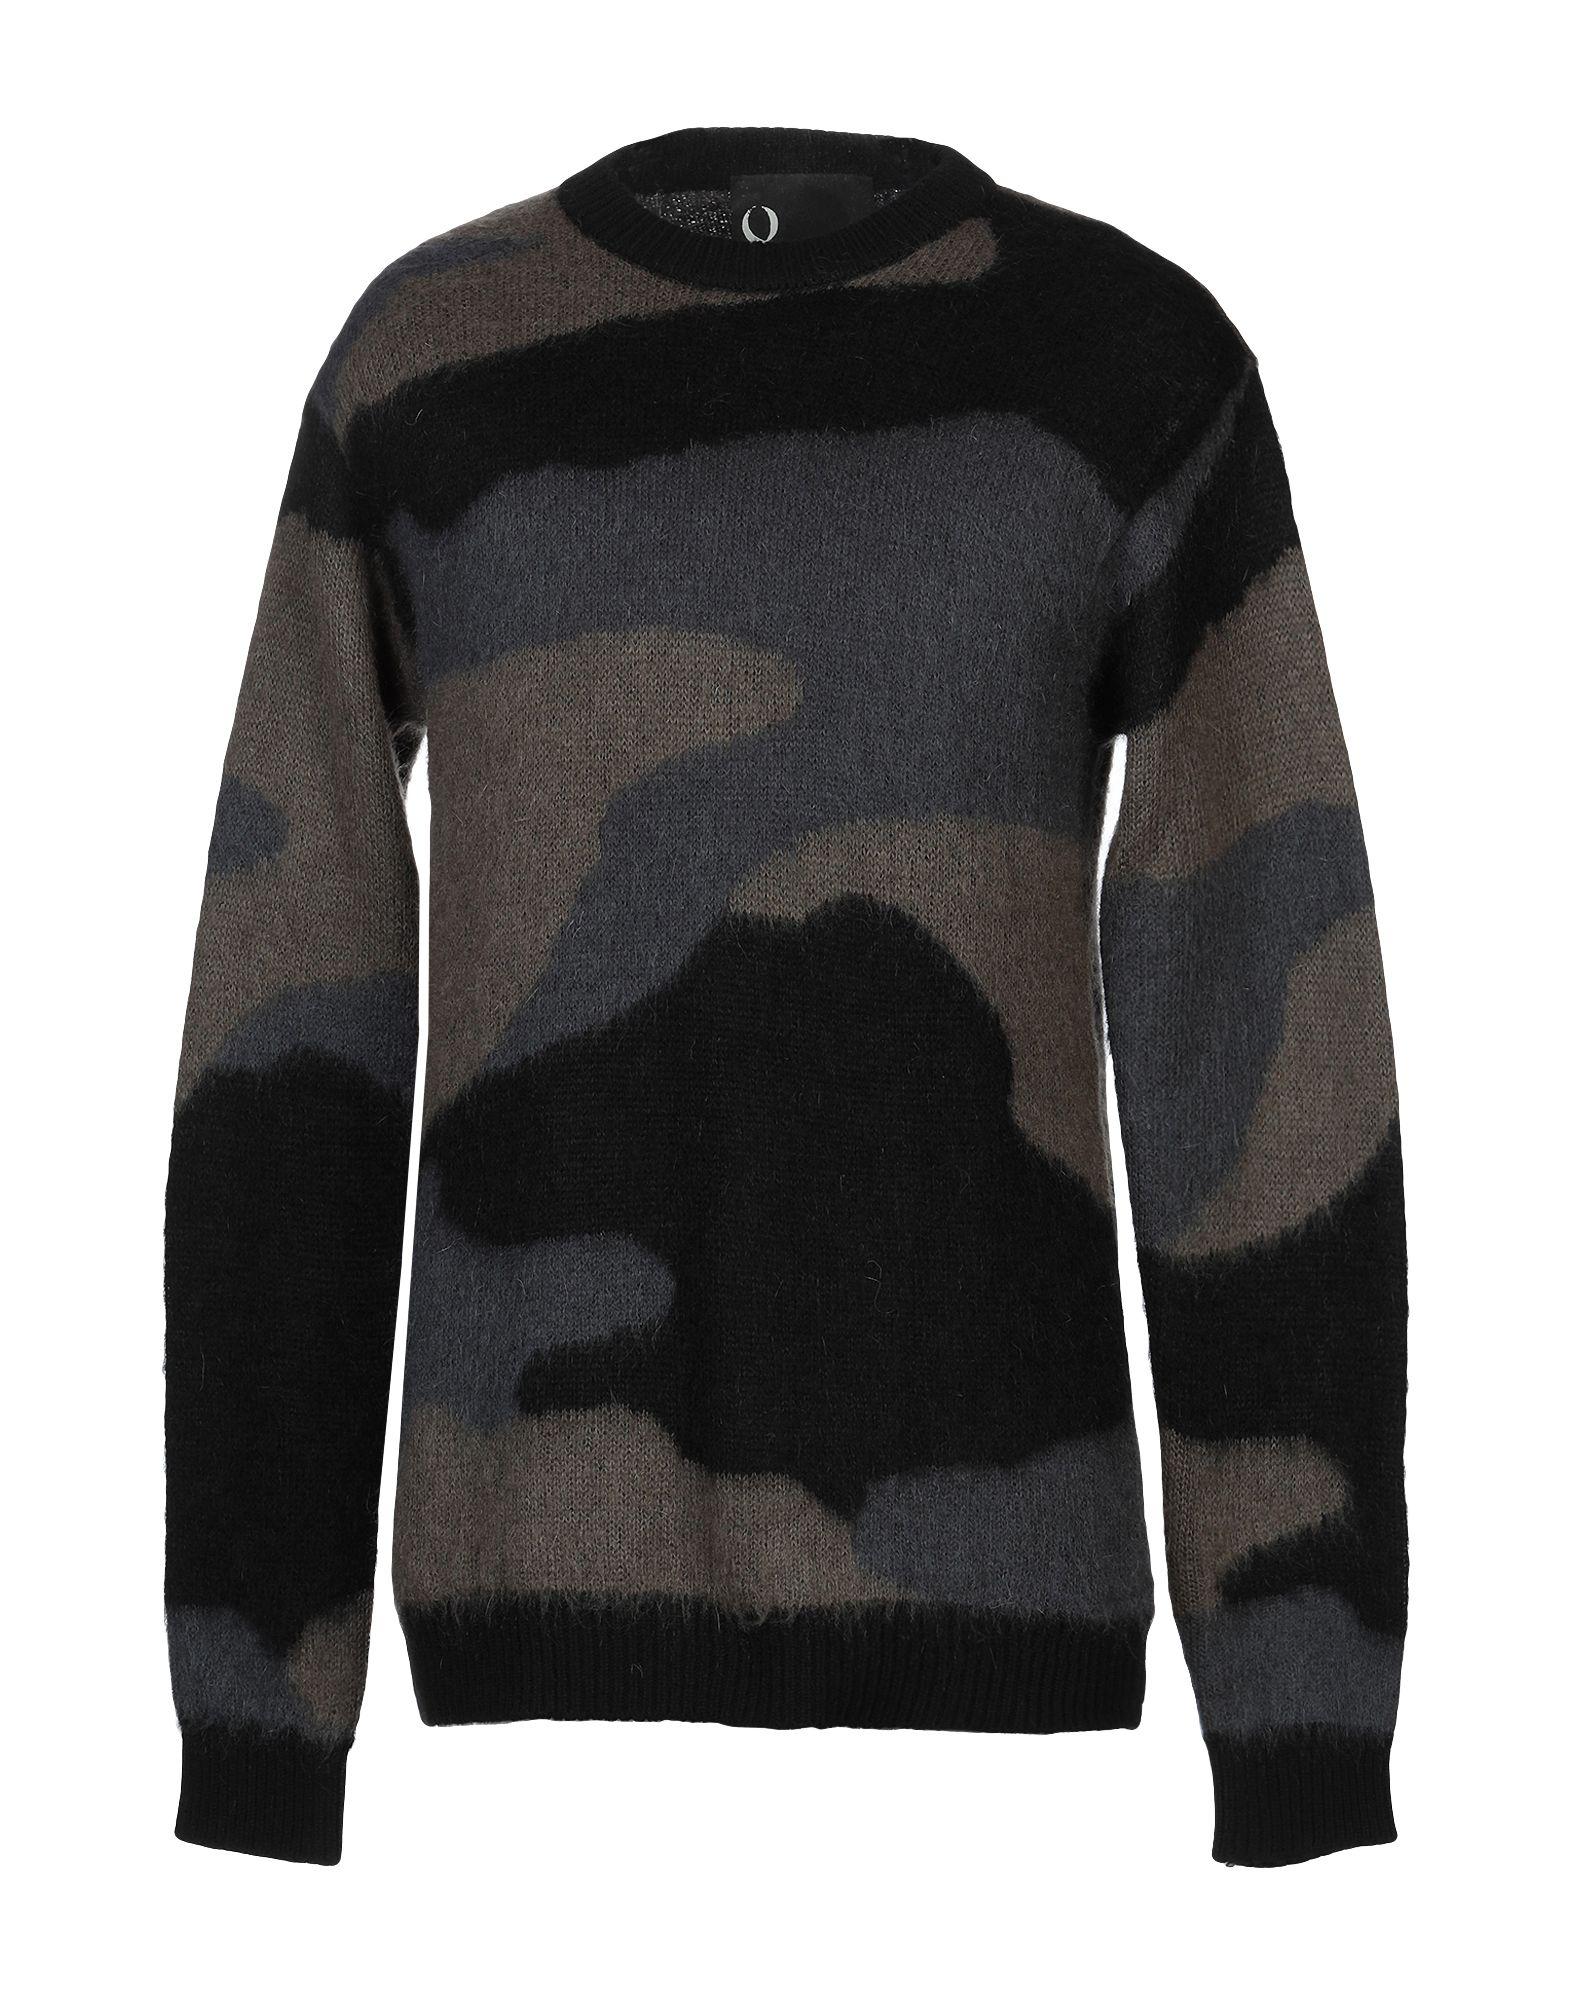 8PM Свитер 8pm свитер